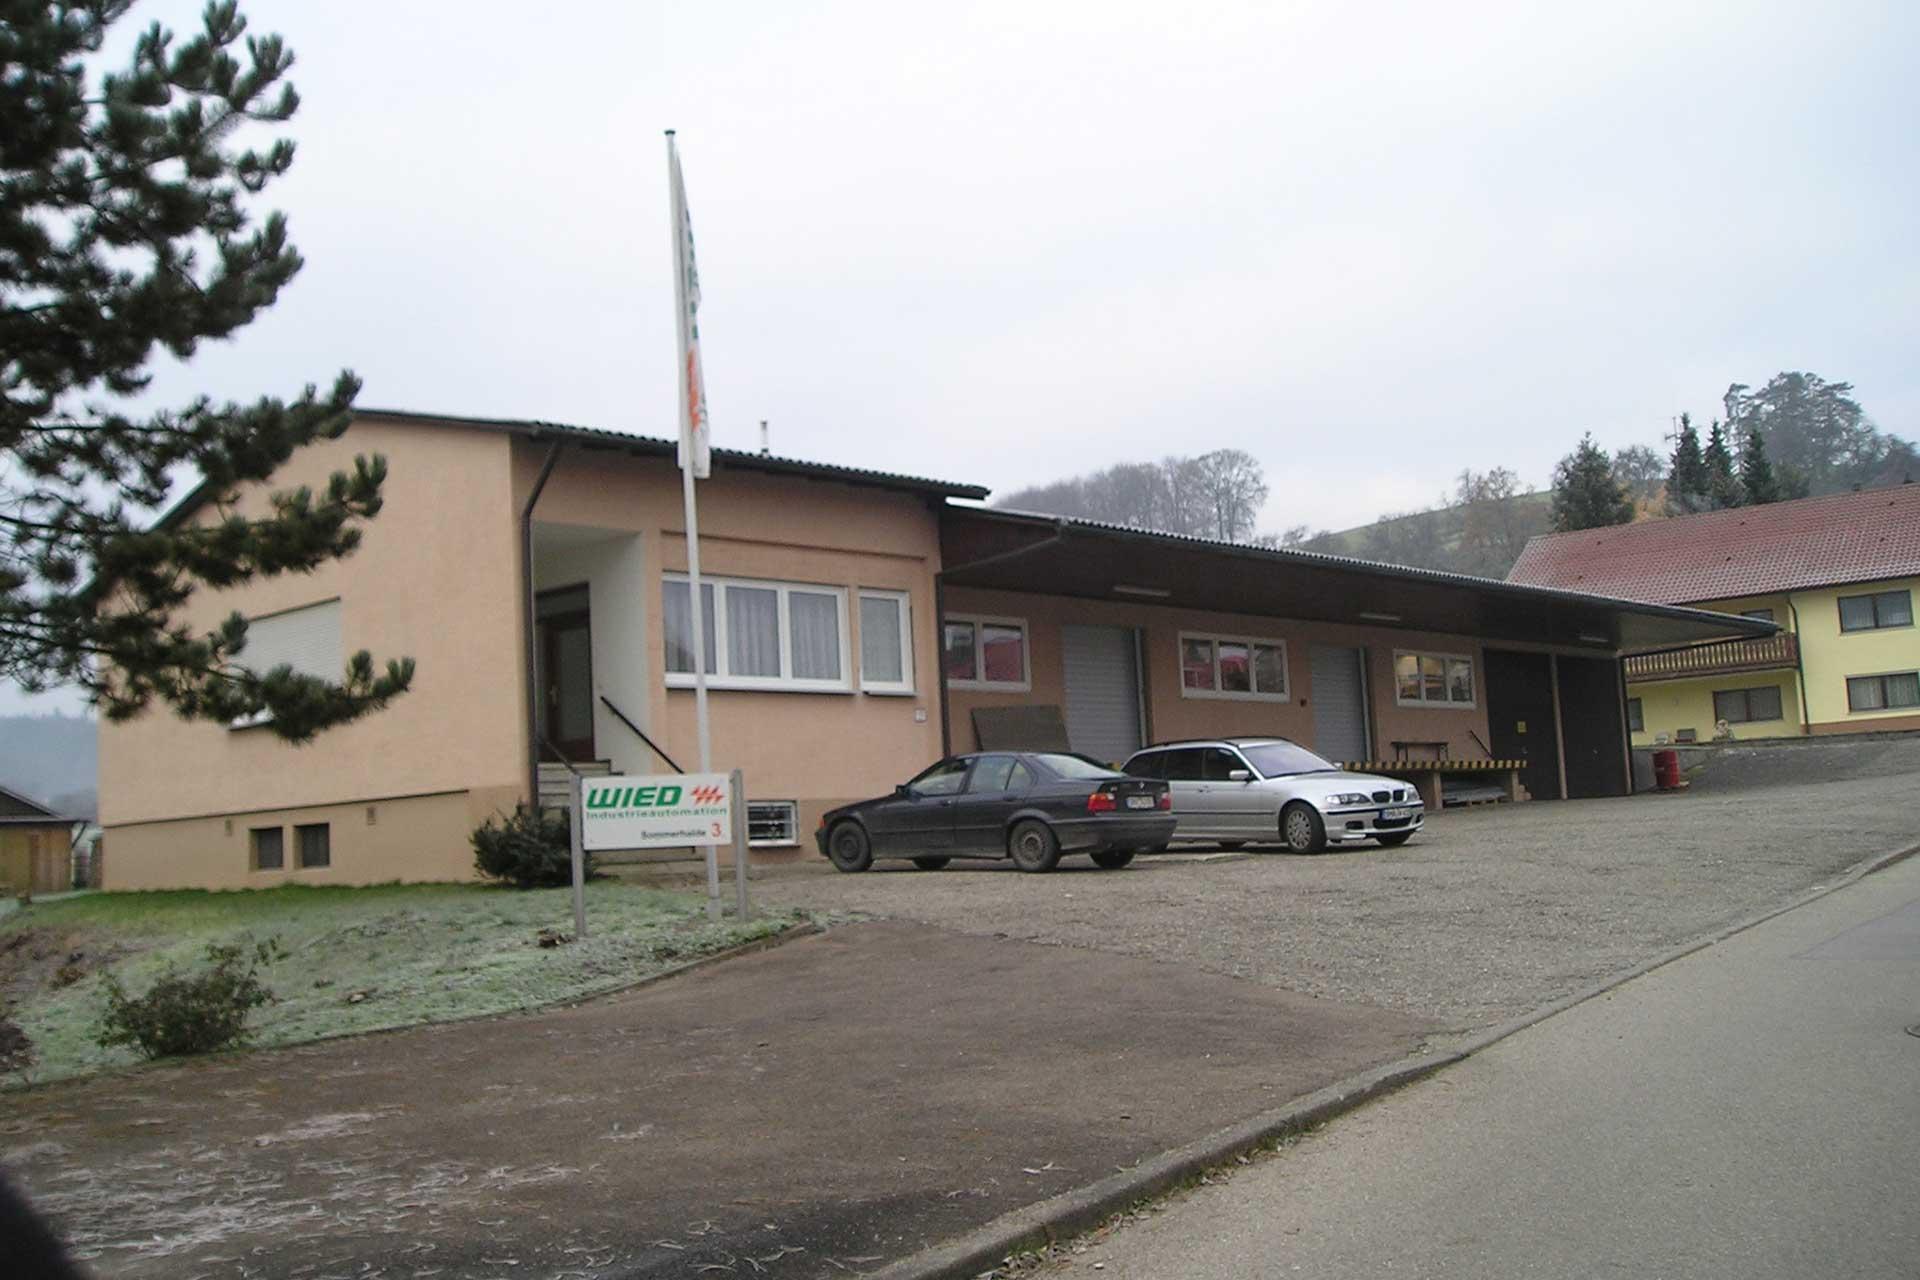 Zweigstelle Fertigung Geifertshofen Wied